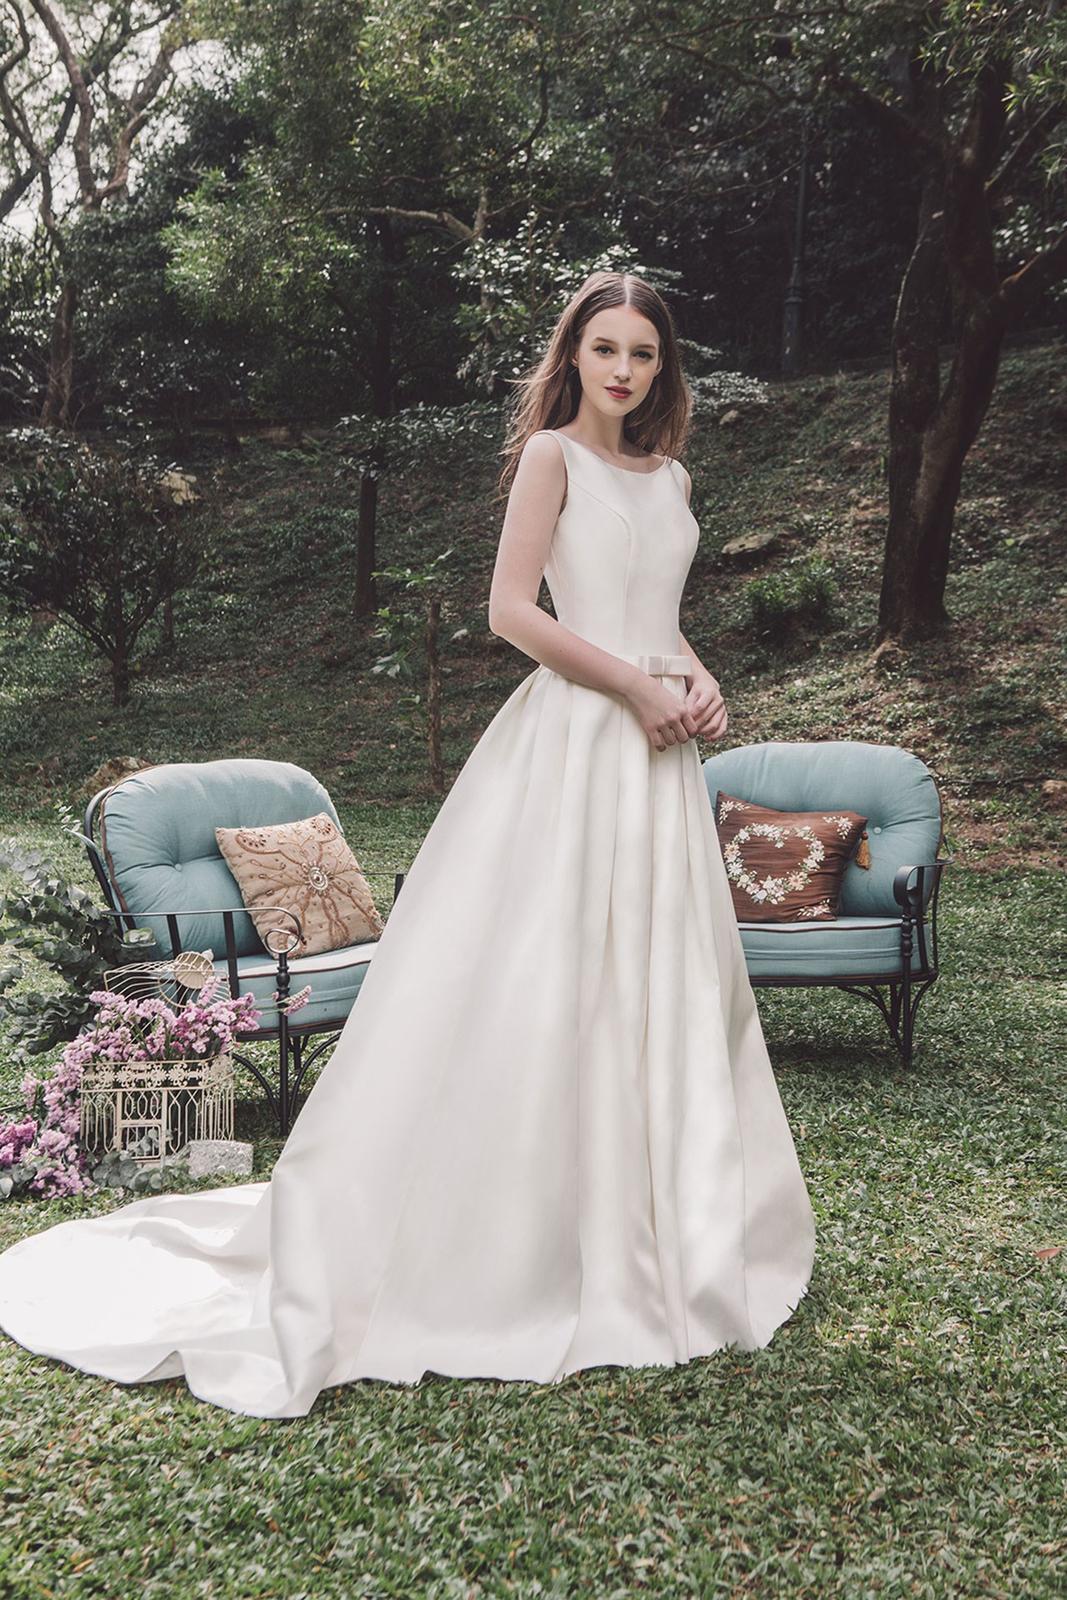 Tak jednoducho, ako sa len dá (minimalizmus v svadobných šatách) - Obrázok č. 26